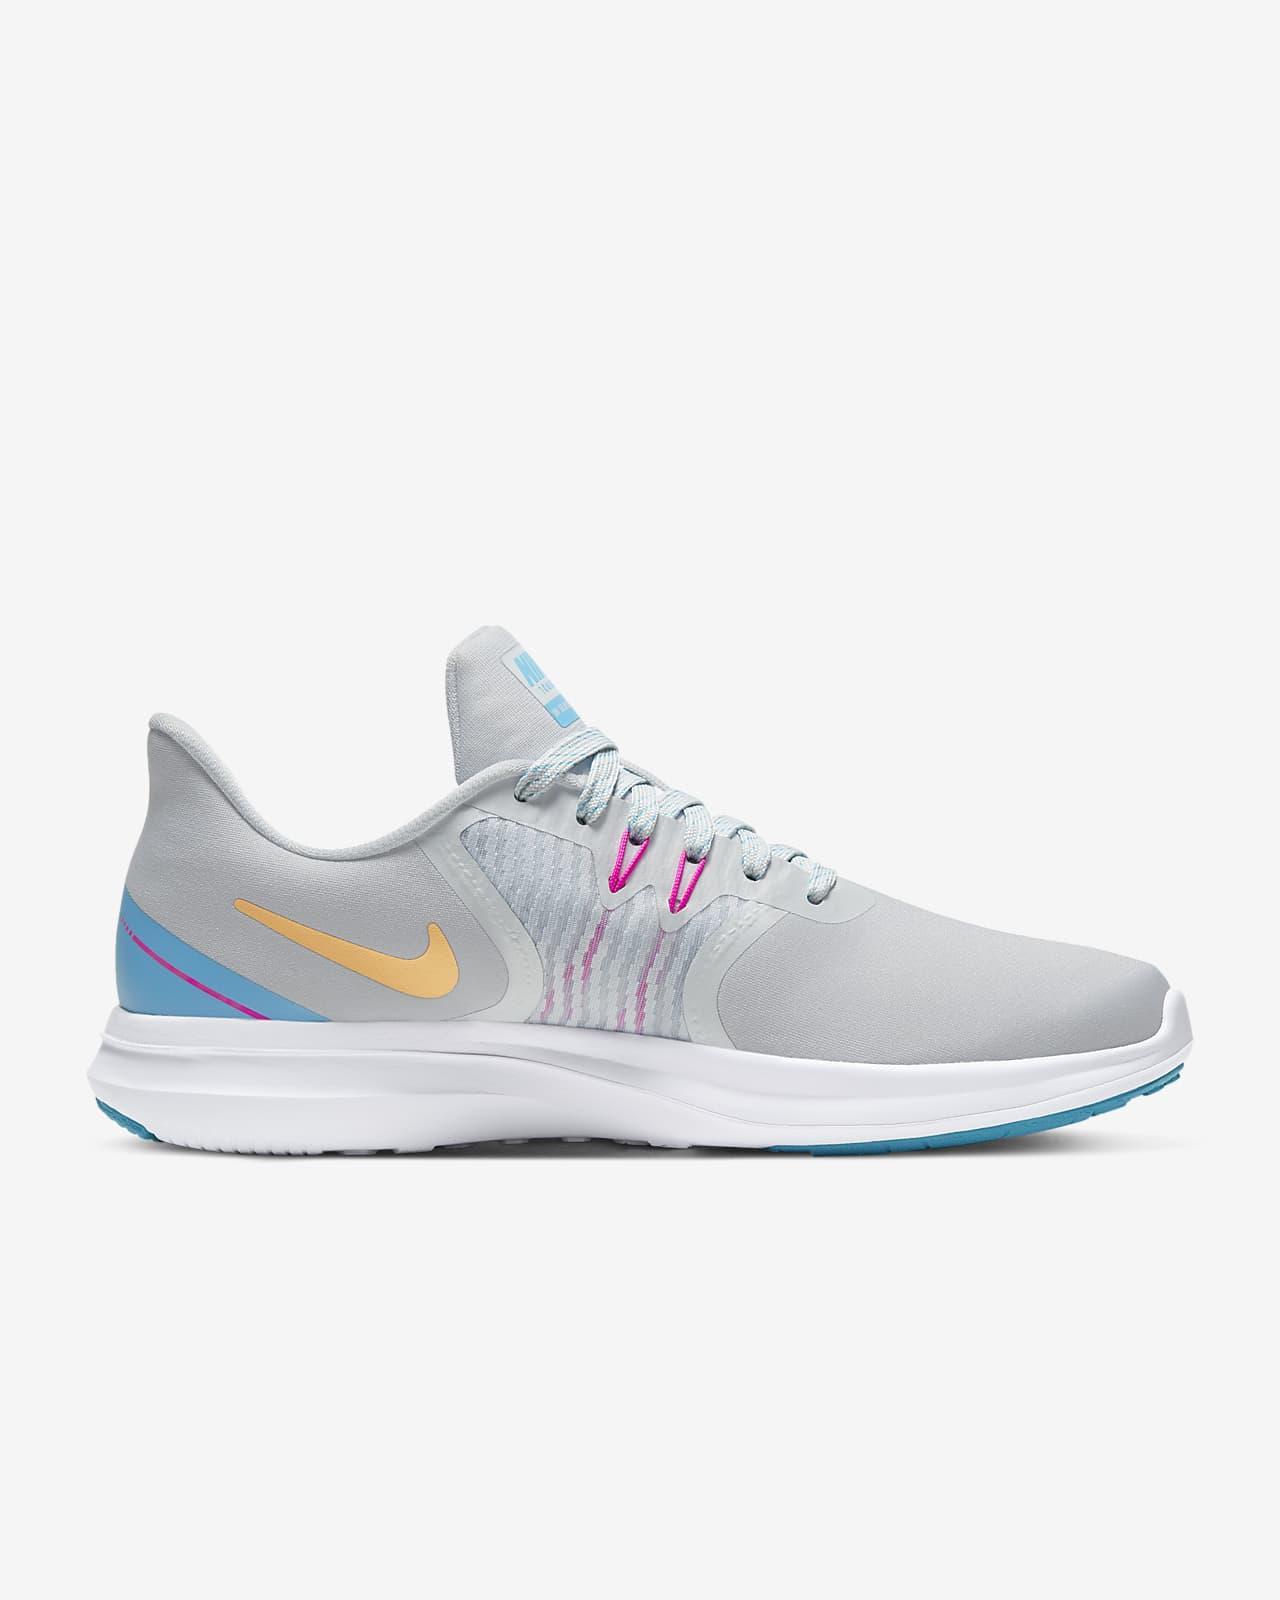 Nike In-Season TR 8 Women's Training